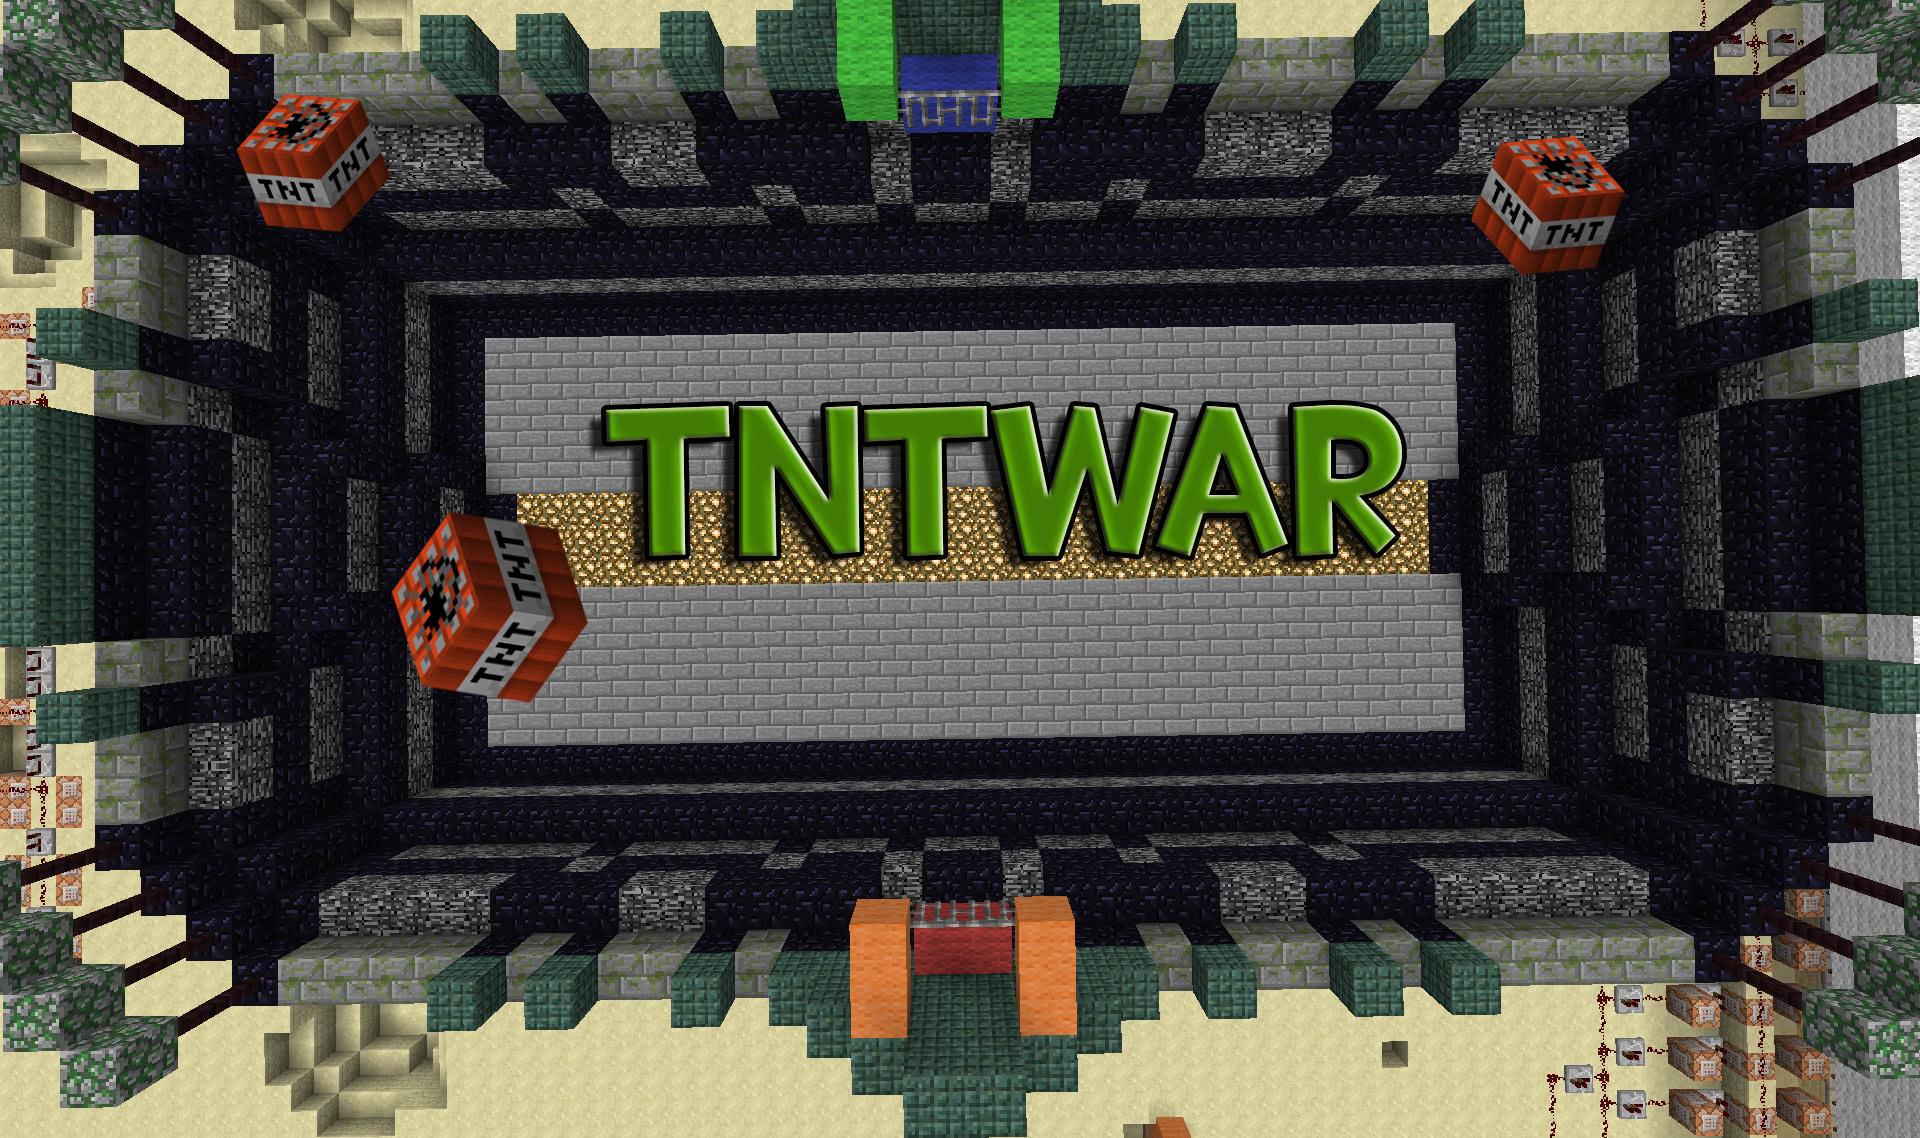 [Mini-Game Map] TntWar - для двоих игроков